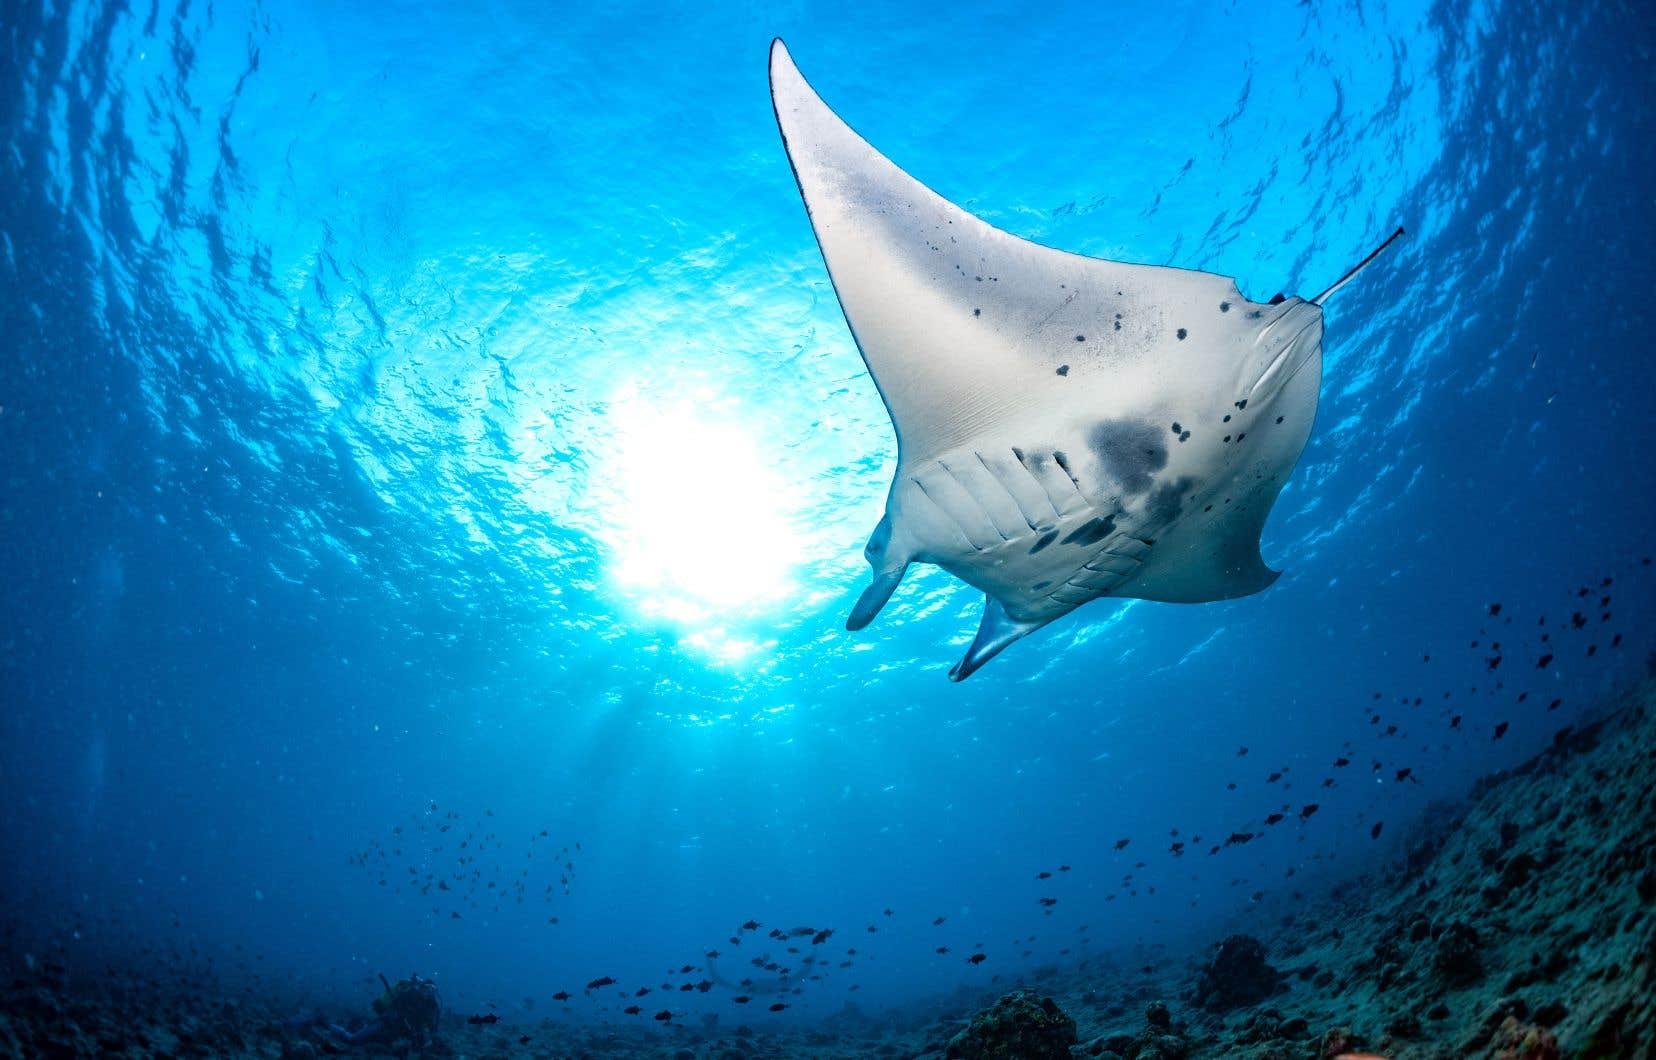 Parmi ces quelque 13000 séquences d'ADN, plus de 1600 appartenaient à 91 espèces vivant dans les abysses océaniques et les systèmes hydrothermaux. Certains brevets protègent par exemple des séquences génétiques appartenant à du sperme de baleine et de raie manta océanique.